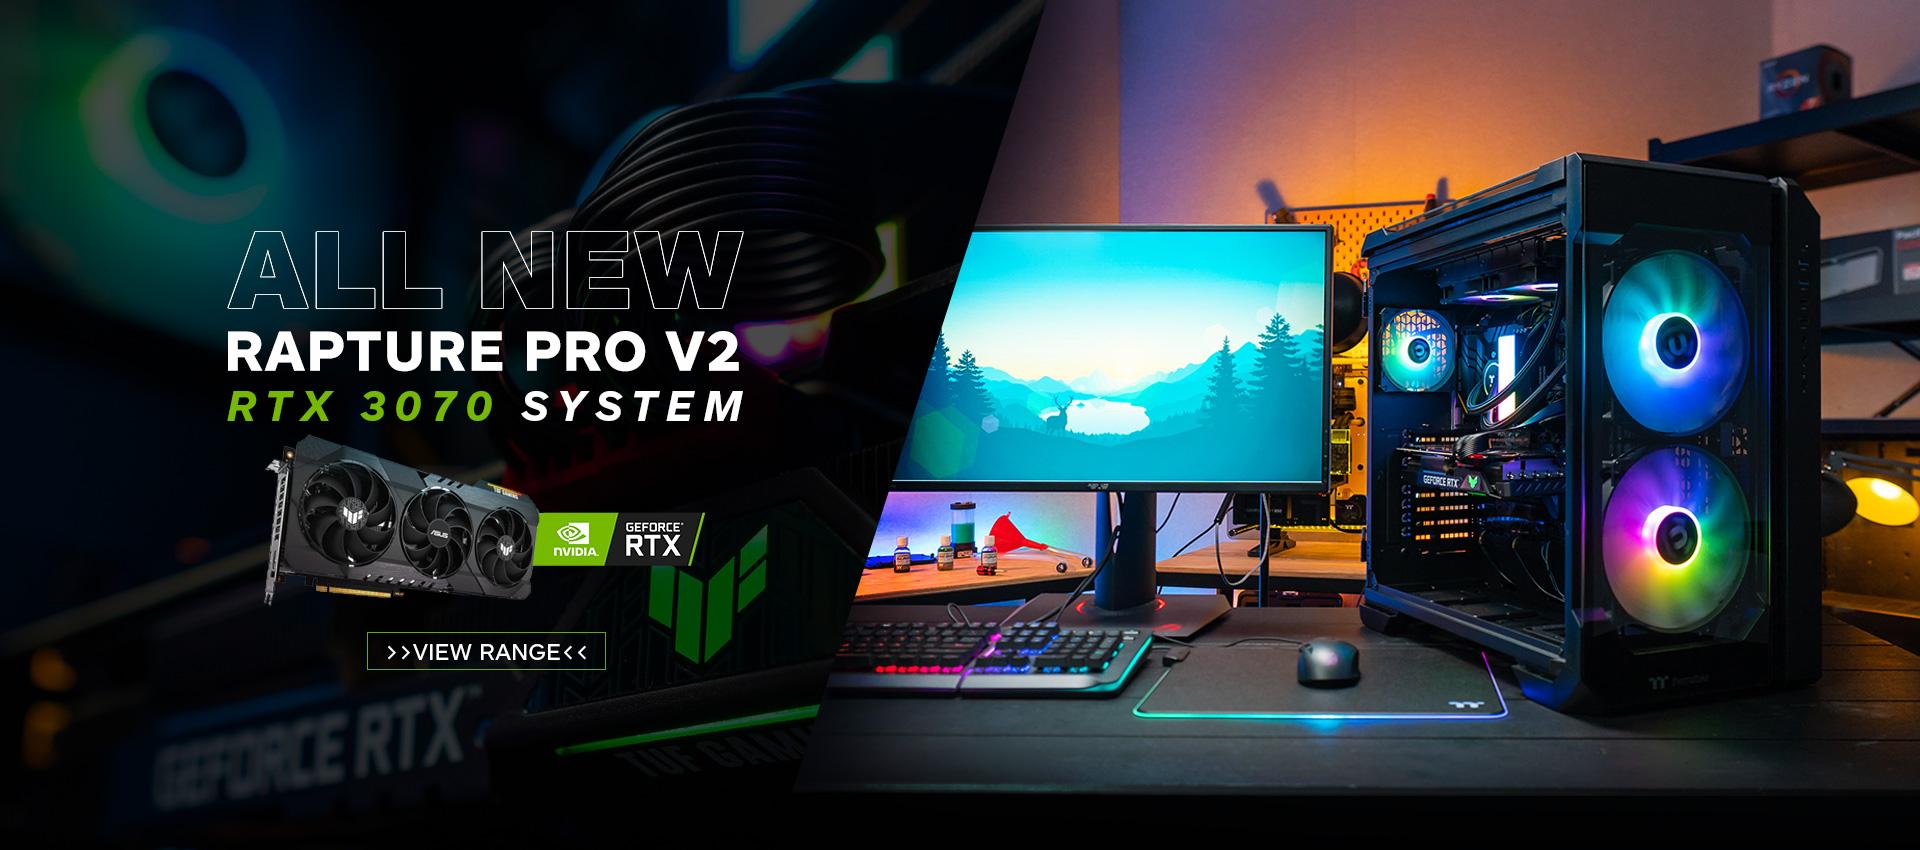 Rapture Pro V2 System